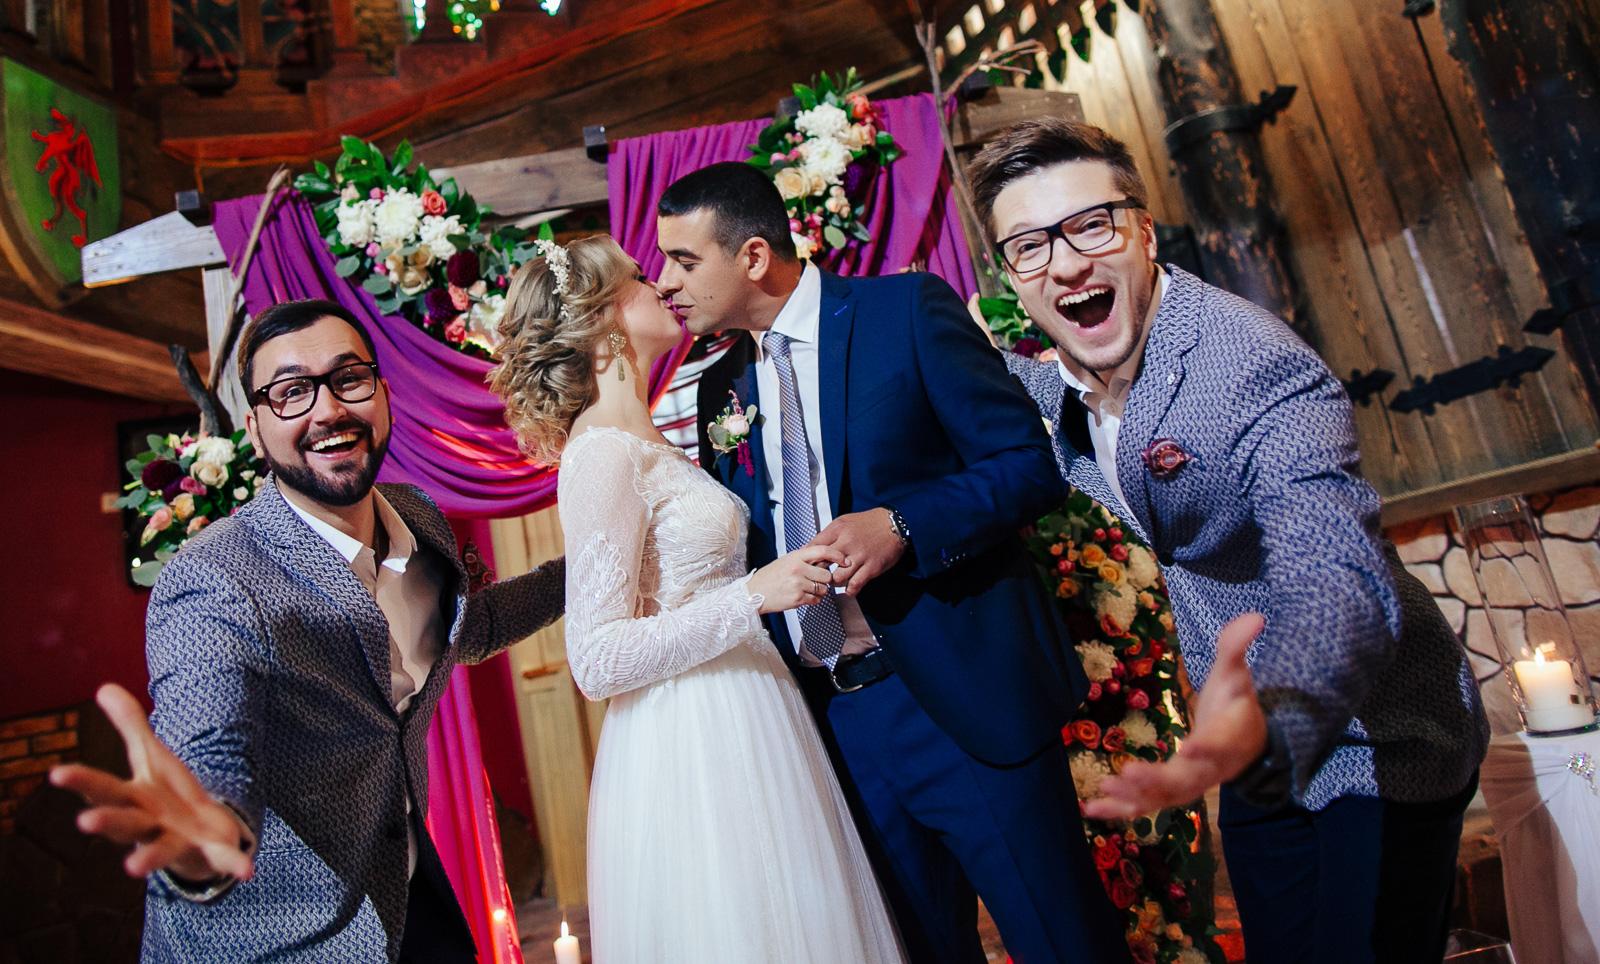 Яким повинен бути хороший ведучий(тамада) на весілля  - Організація весілля  від Оксани Цапук у Рівному та Луцьку 3c88c8dc5564c